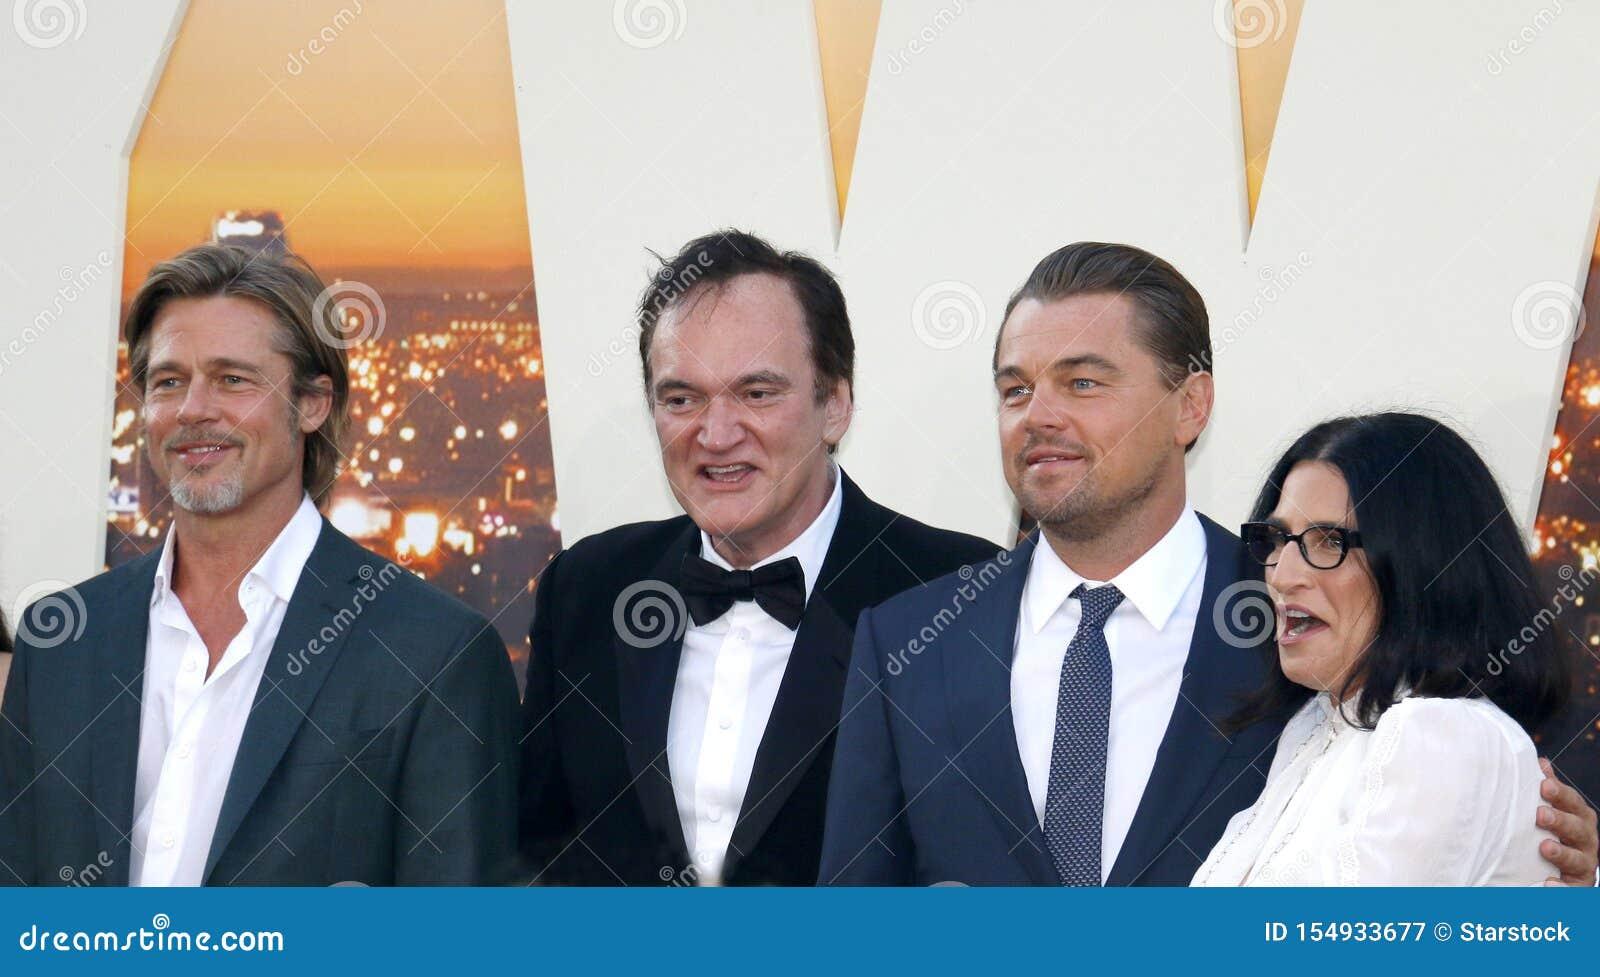 Brad Pitt, Leonardo DiCaprio i Quentin Tarantino,